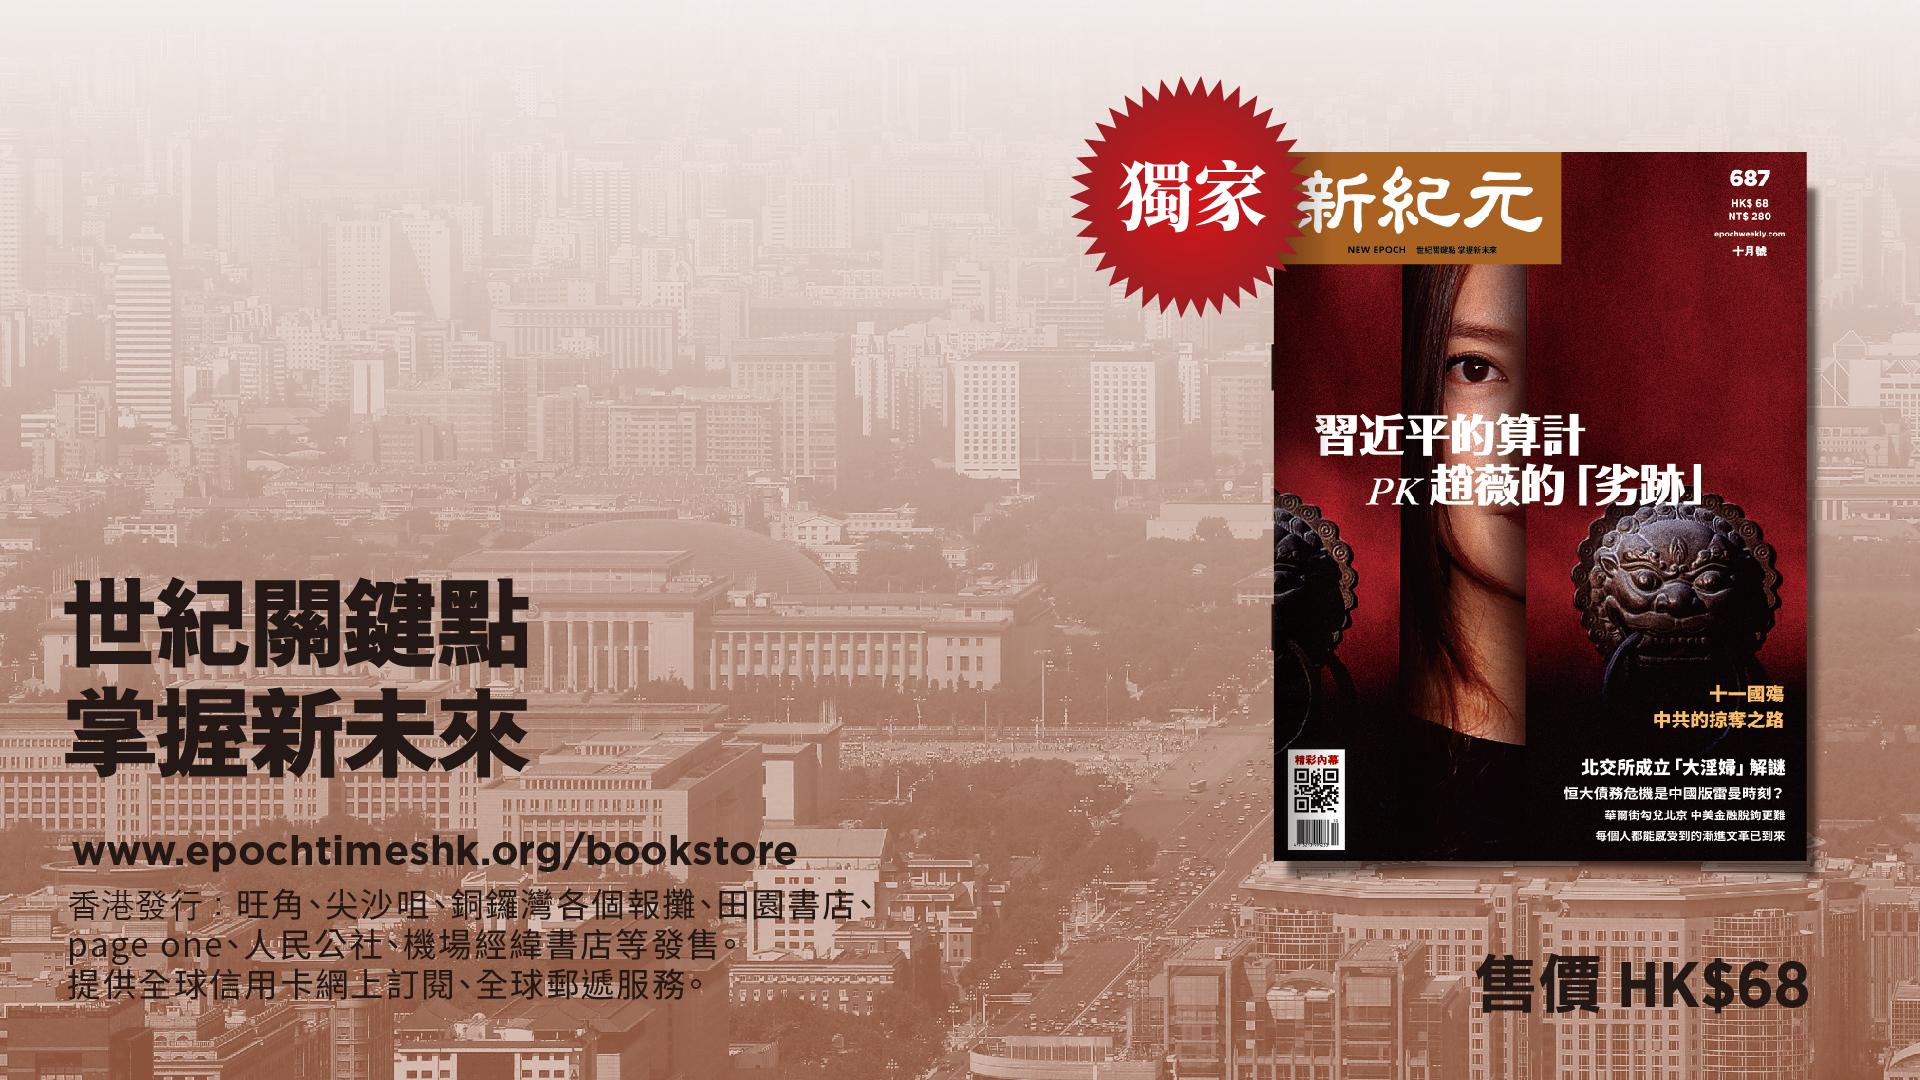 >【新品發布】十月號雜誌:習近平的算計 PK 趙薇的「劣跡」